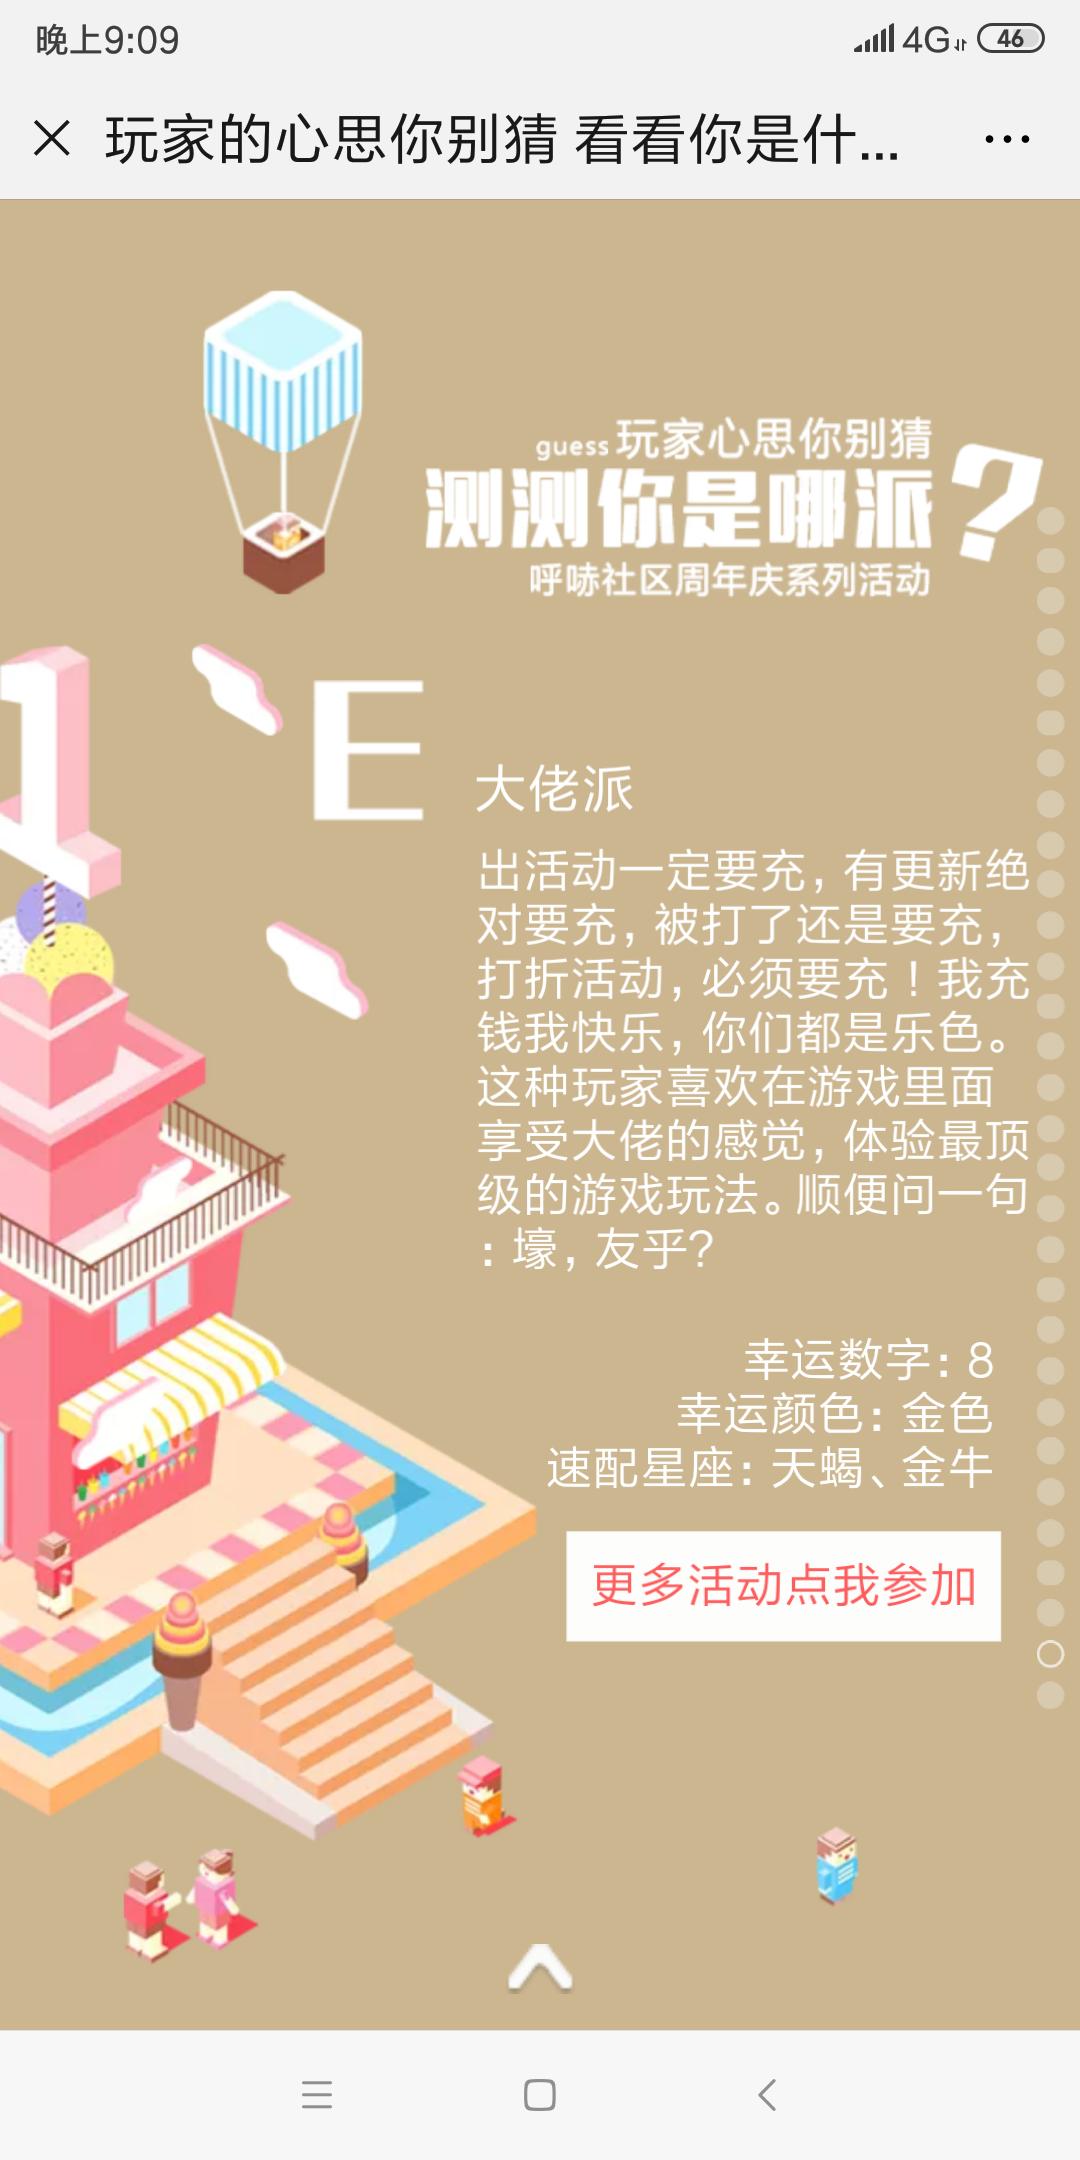 Screenshot_2019-07-25-21-09-04-882_com.tencent.mm.png